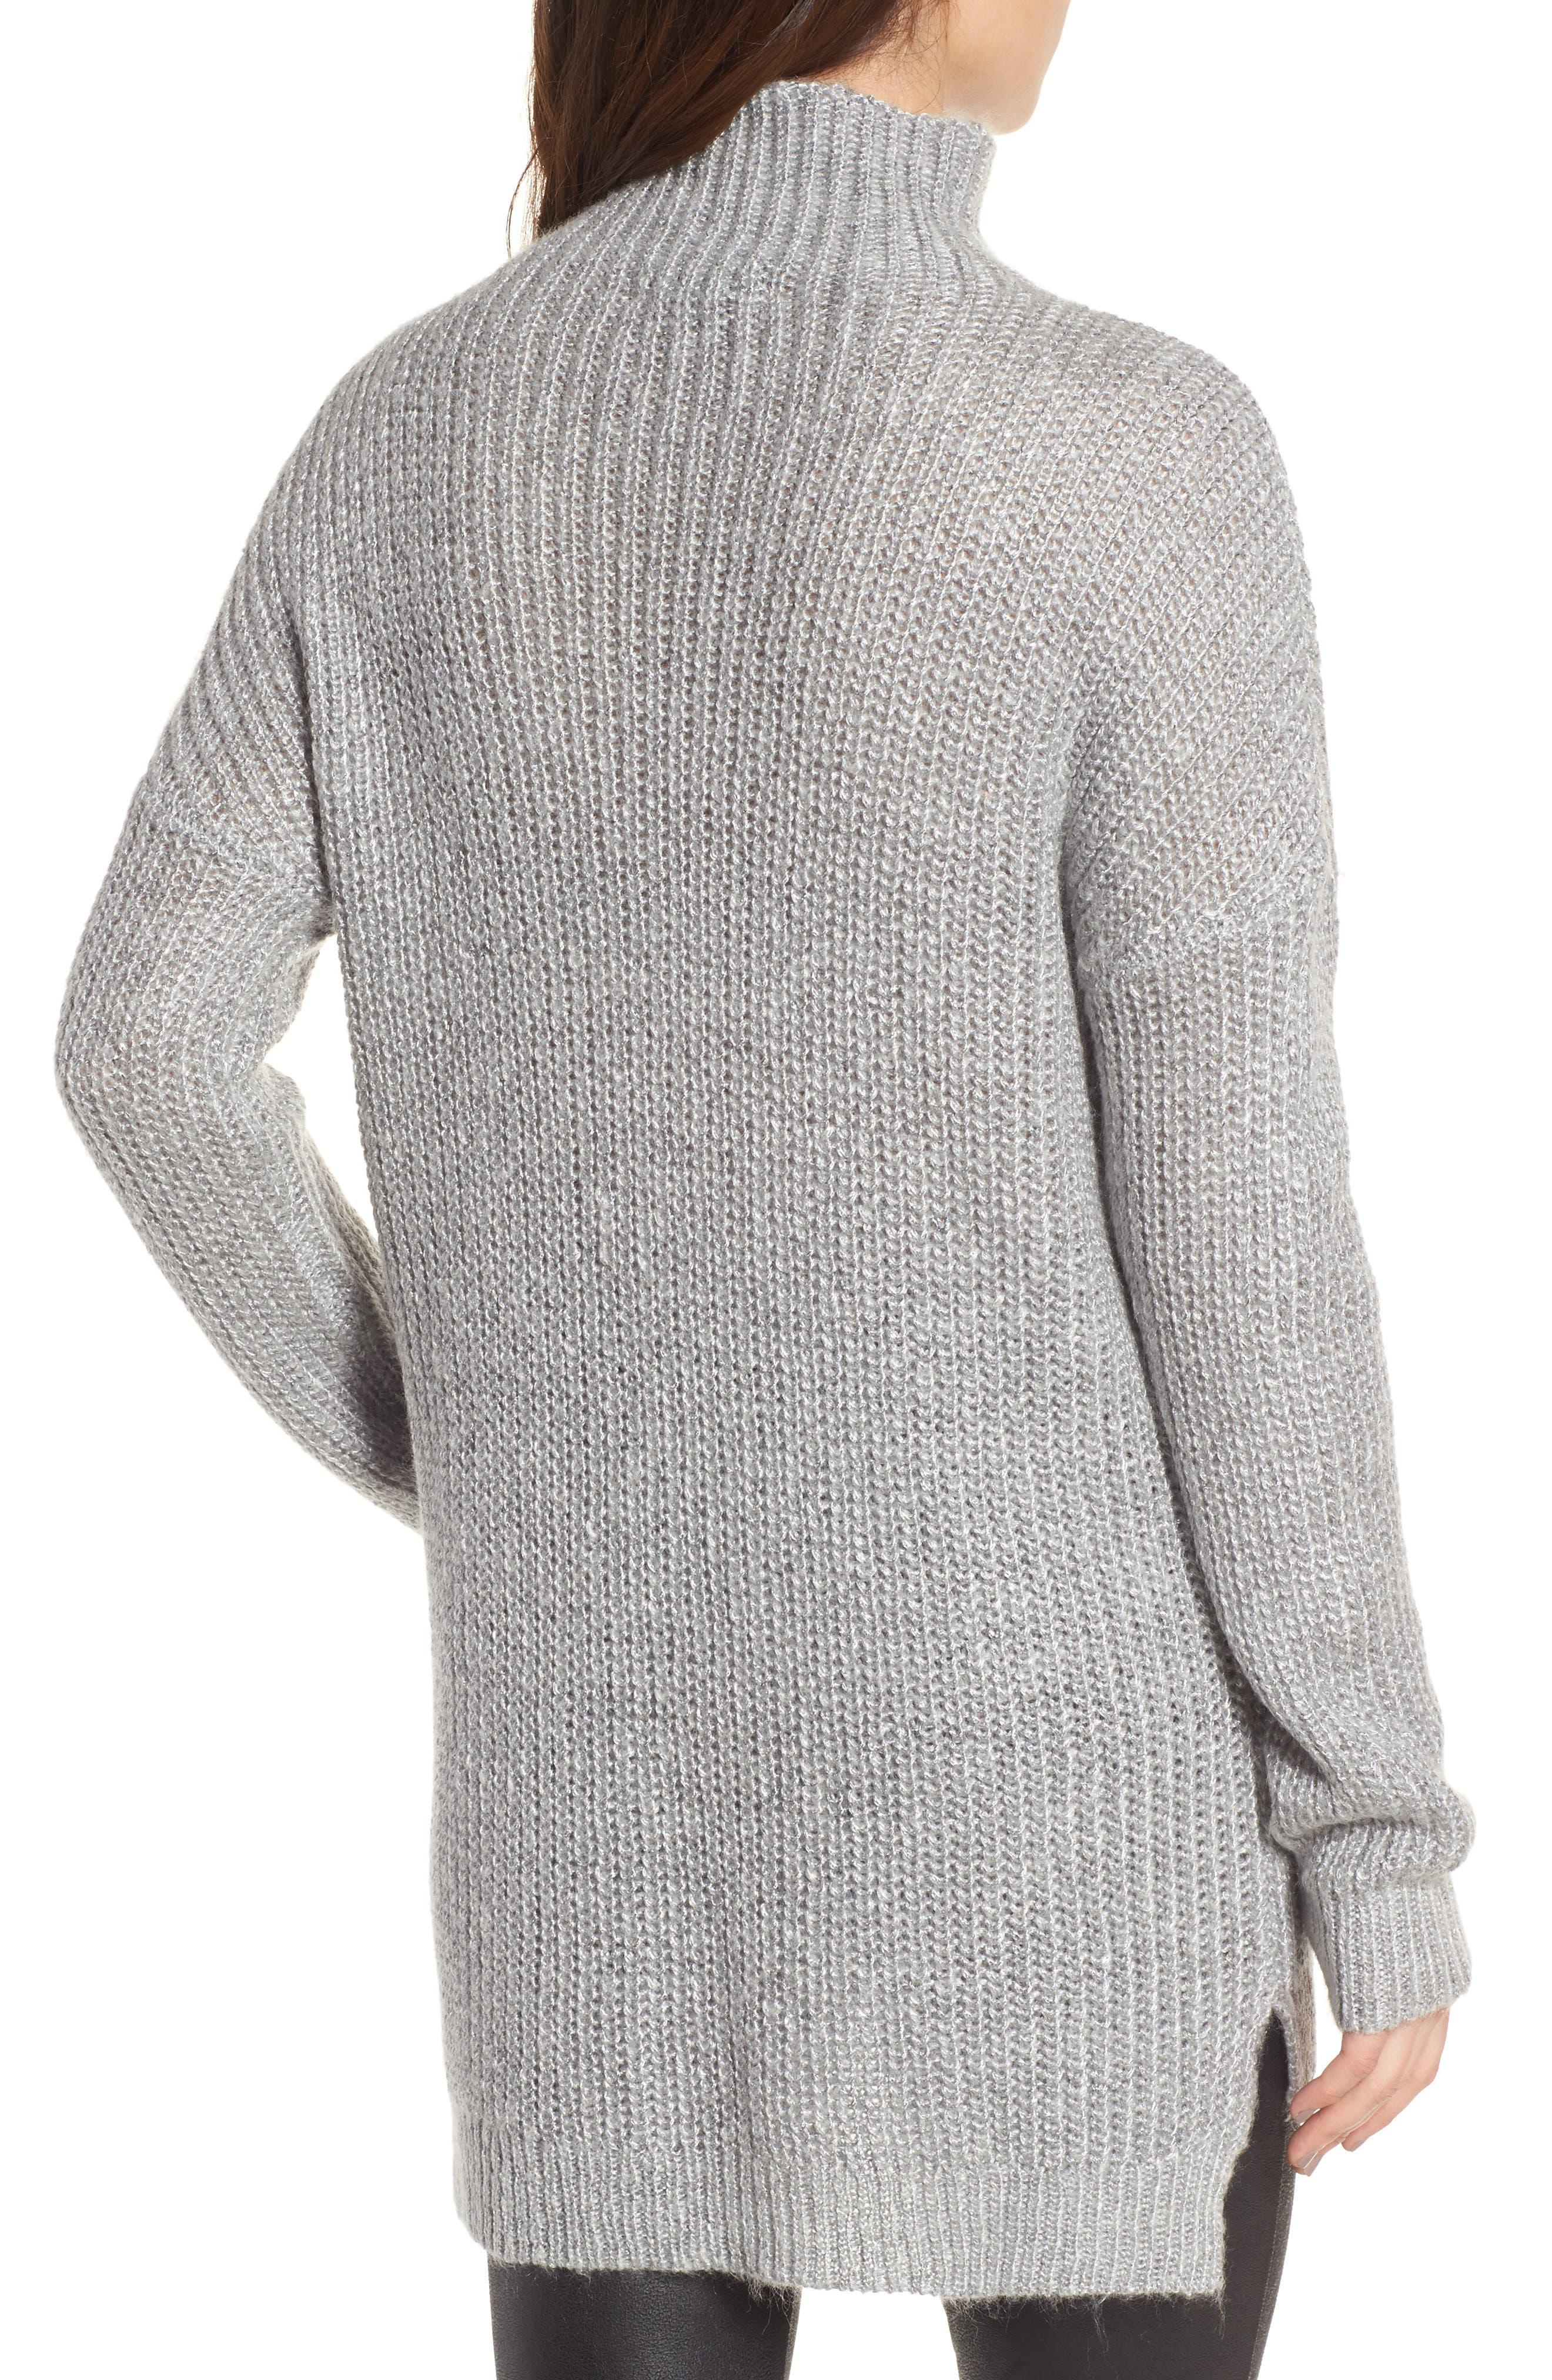 Rib Knit Sweater,                             Alternate thumbnail 2, color,                             030